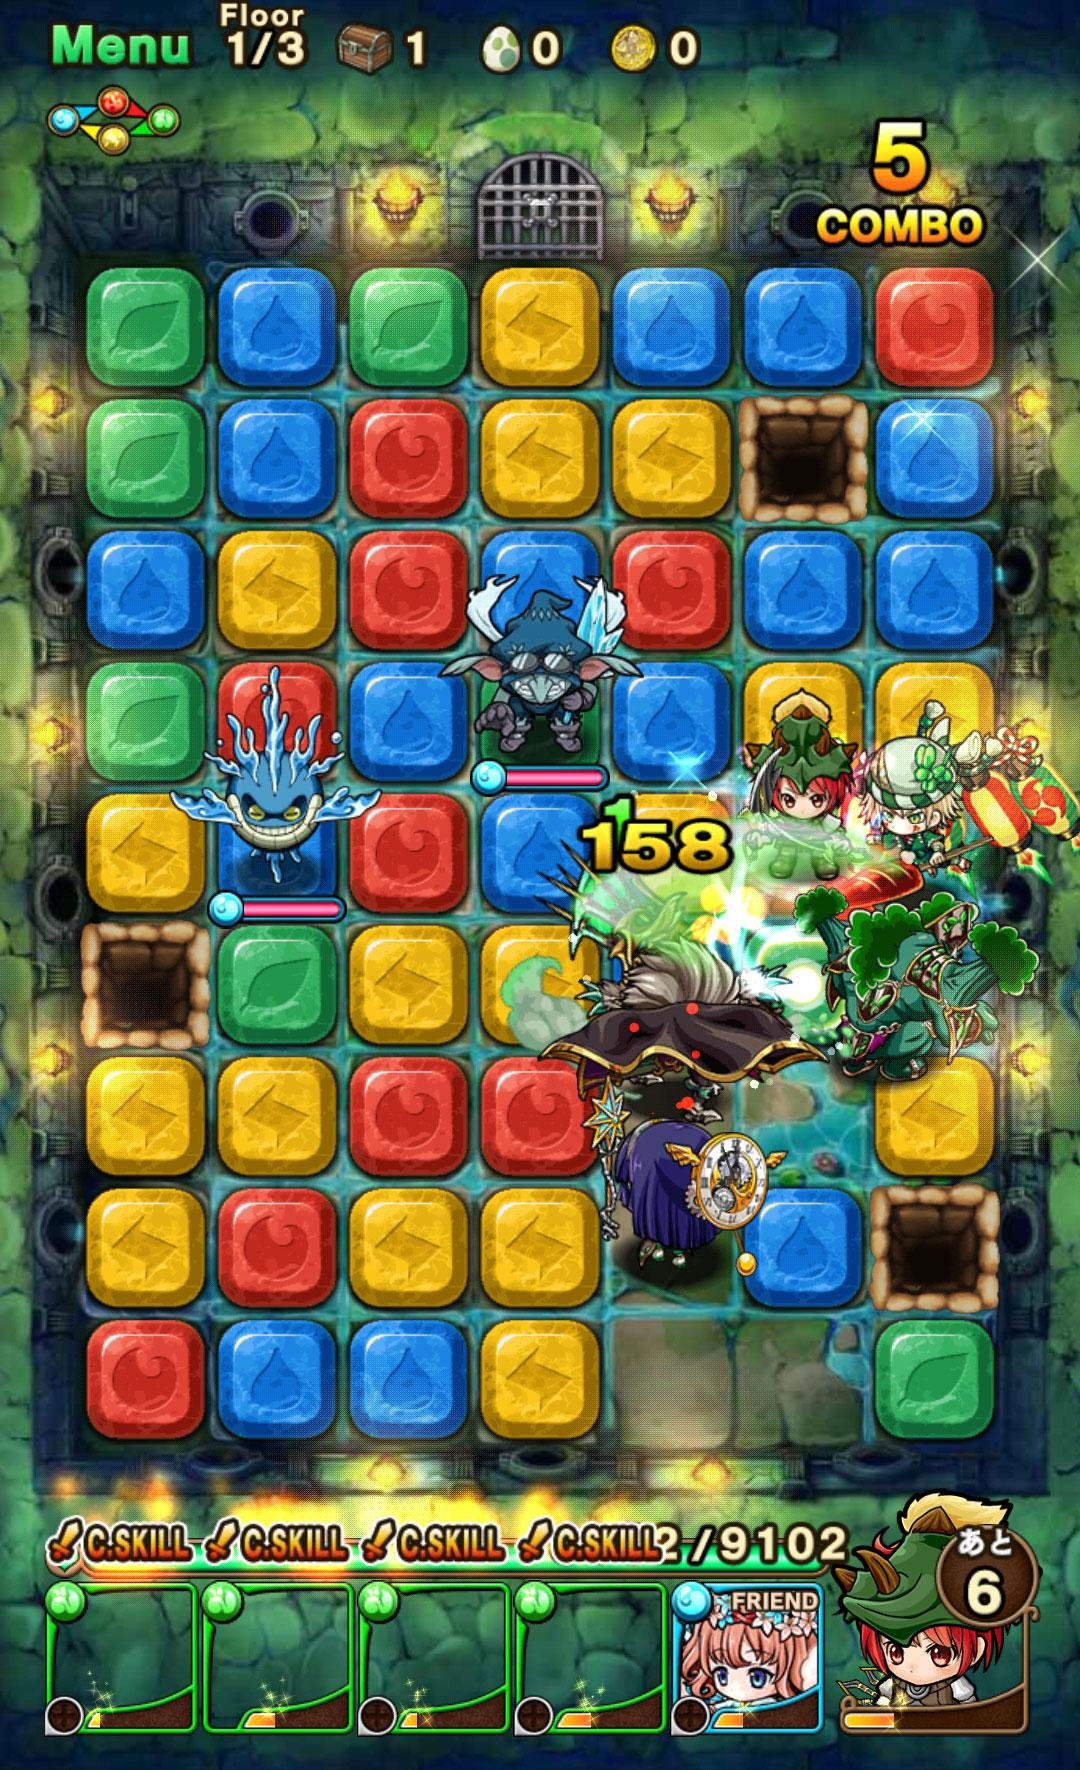 ポコロンダンジョンズ(ポコダン) 独自のゲームシステムが魅力のパズルゲーム